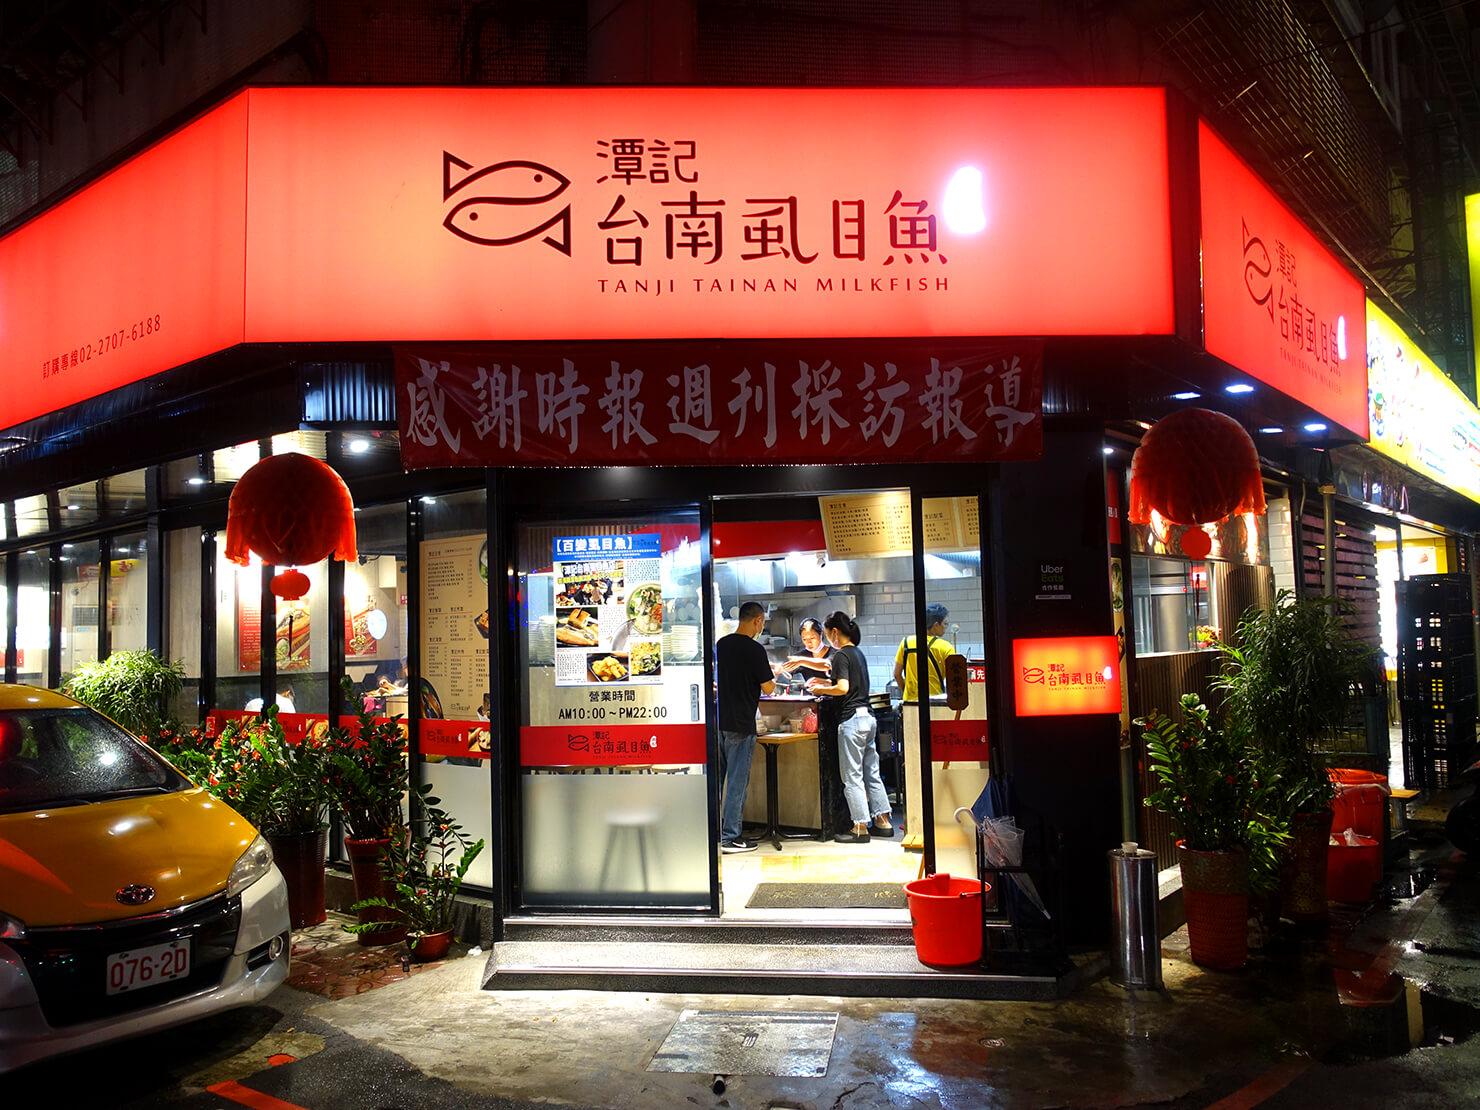 台北・臨江街夜市のおすすめグルメ店「潭記台南虱目魚」の外観